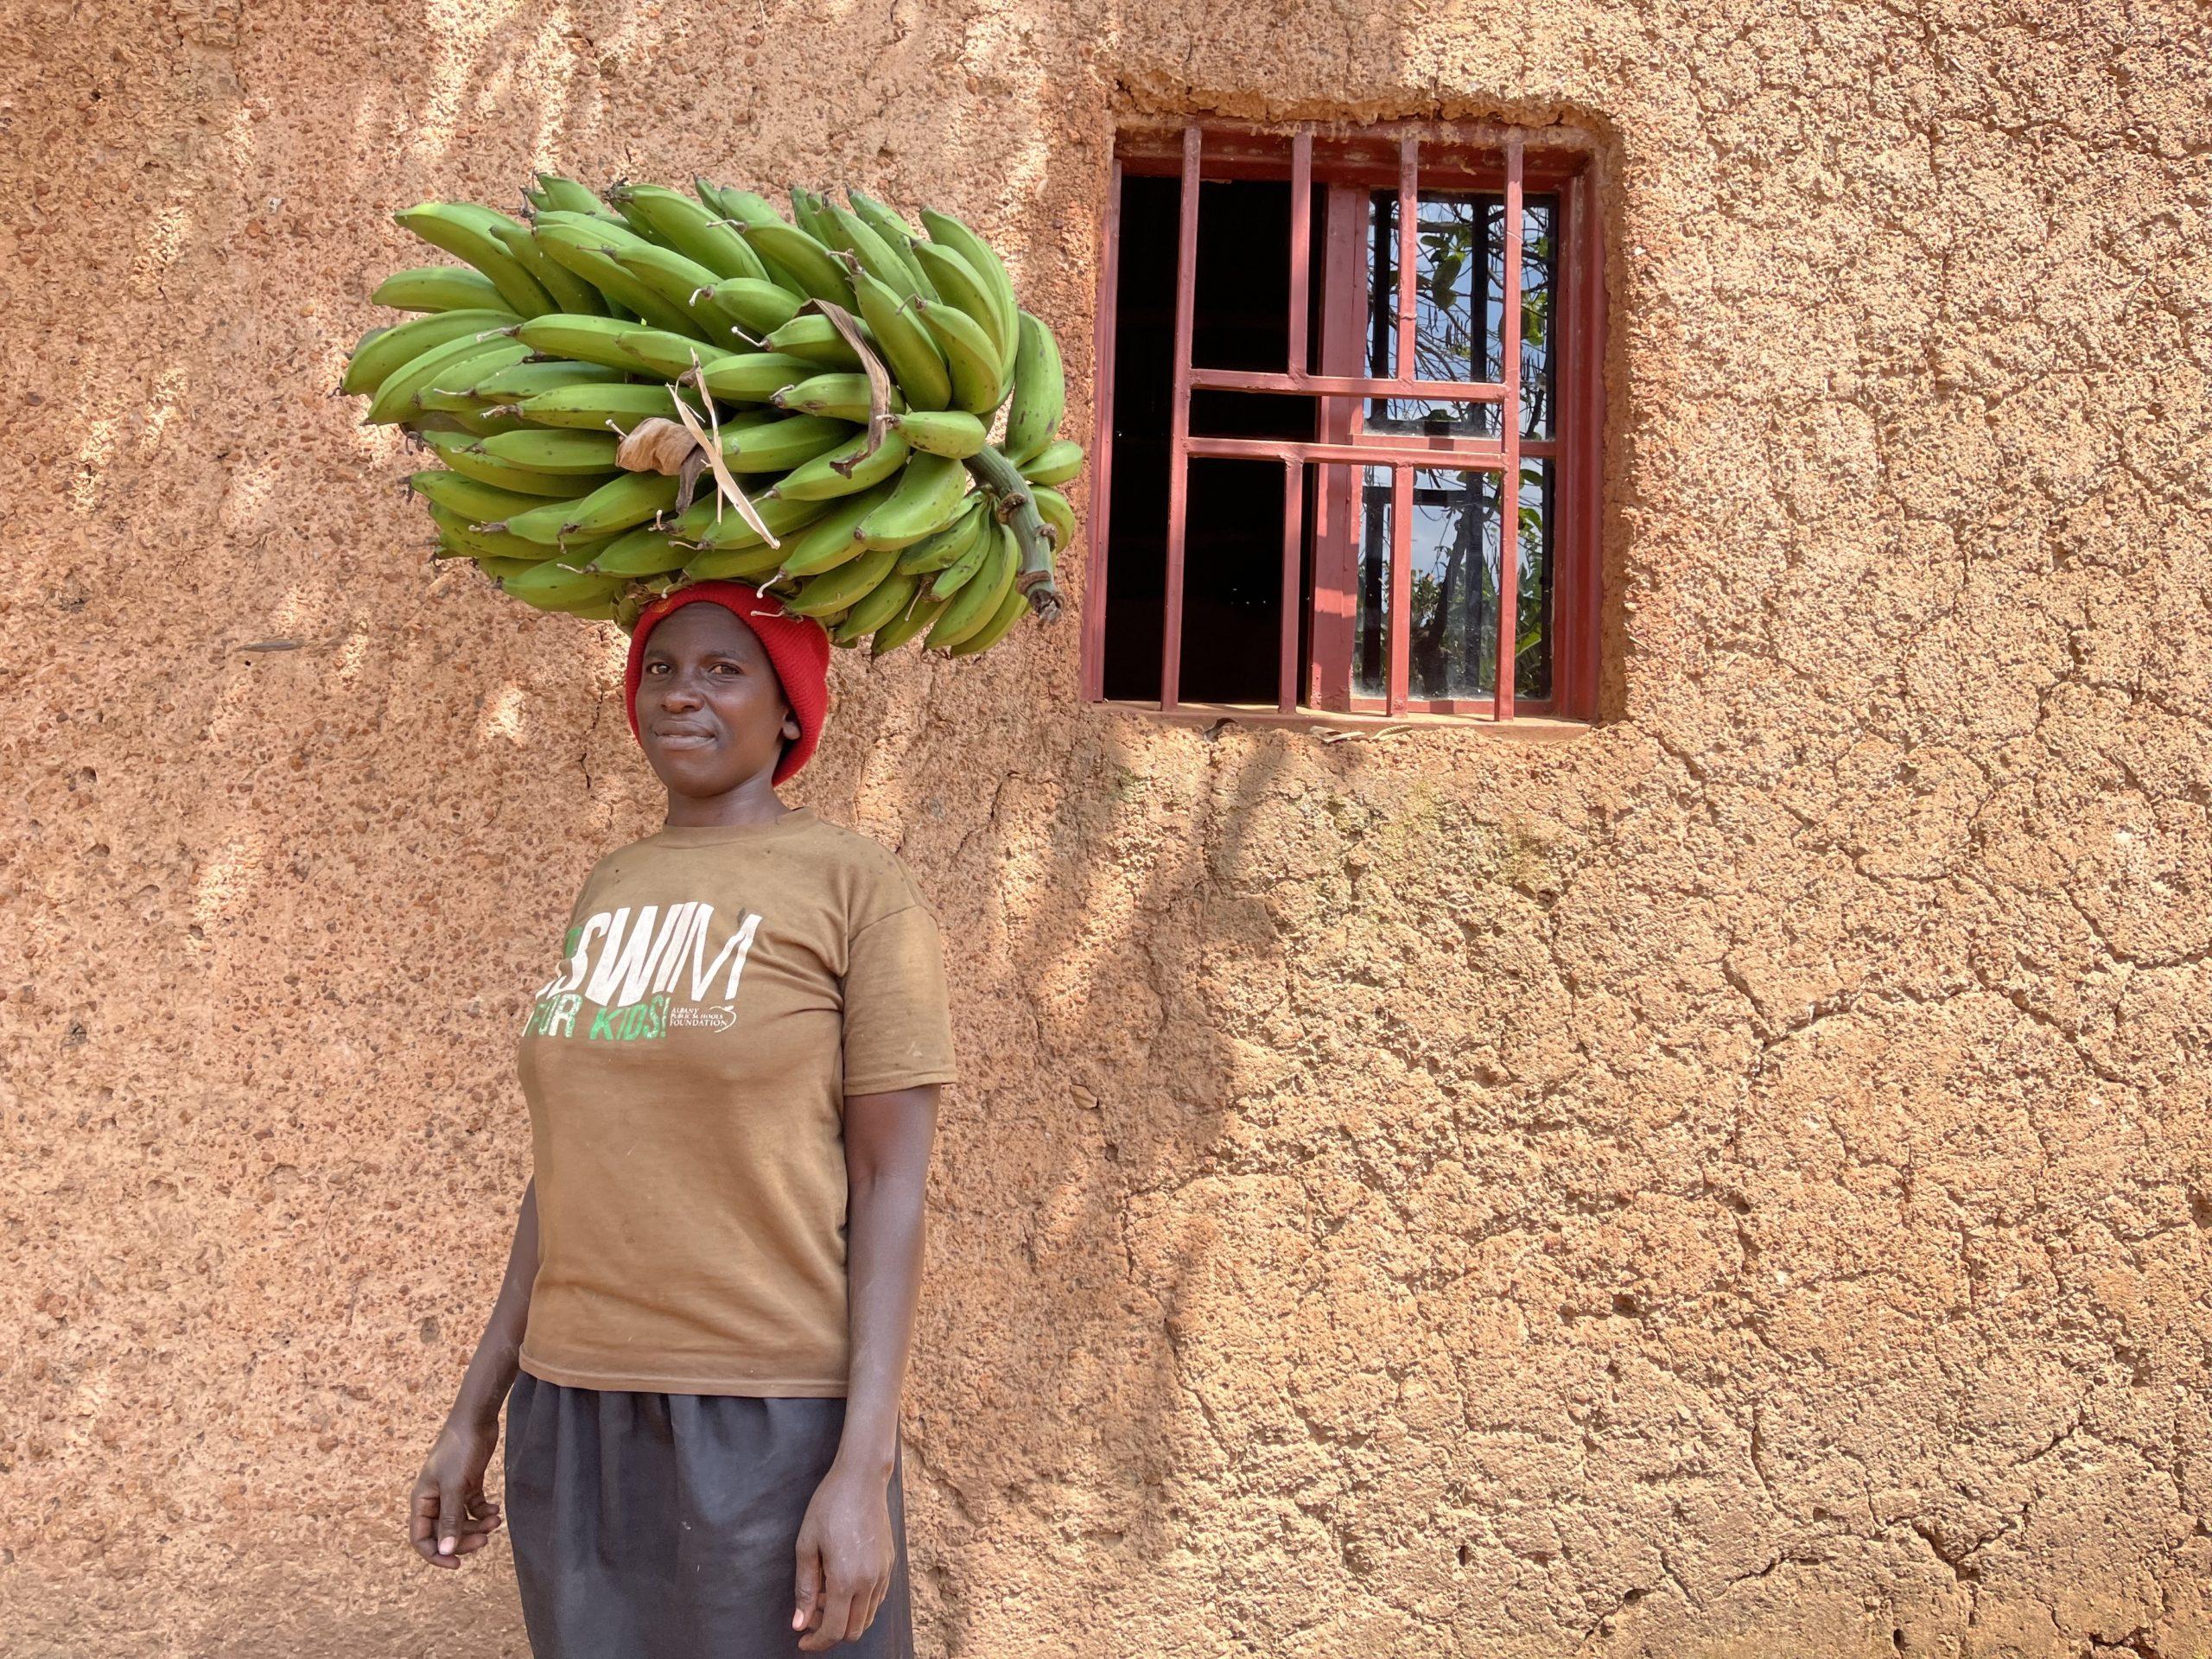 バナナを頭で運ぶ人